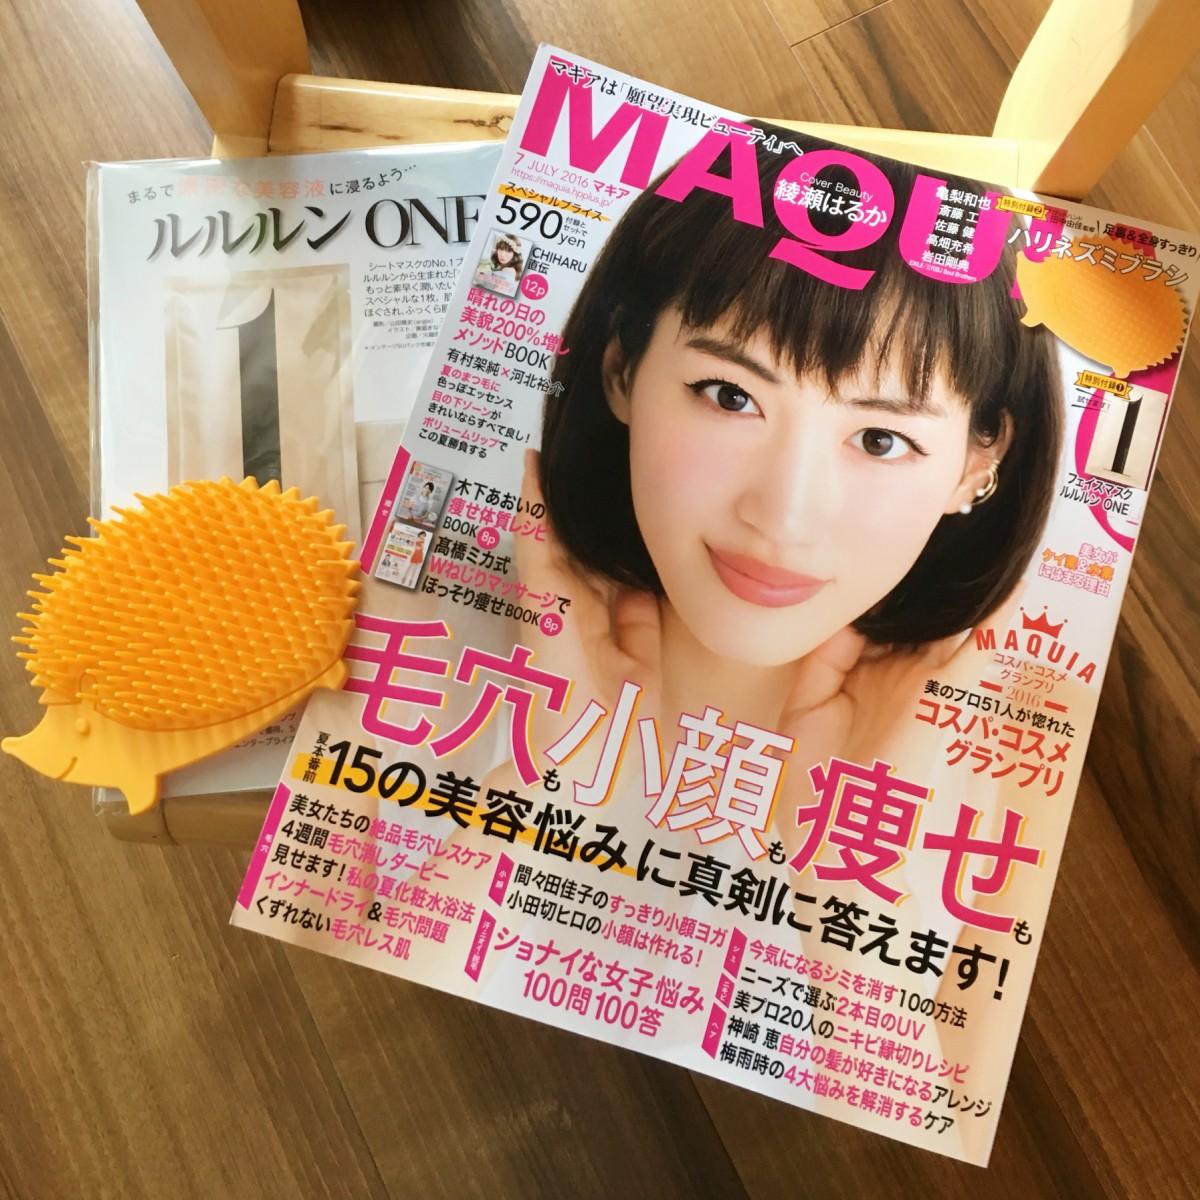 毛穴・小顔・痩せ … 夏前に知りたい美容がもりだくさん!MAQUIA(マキア)7月号 発売